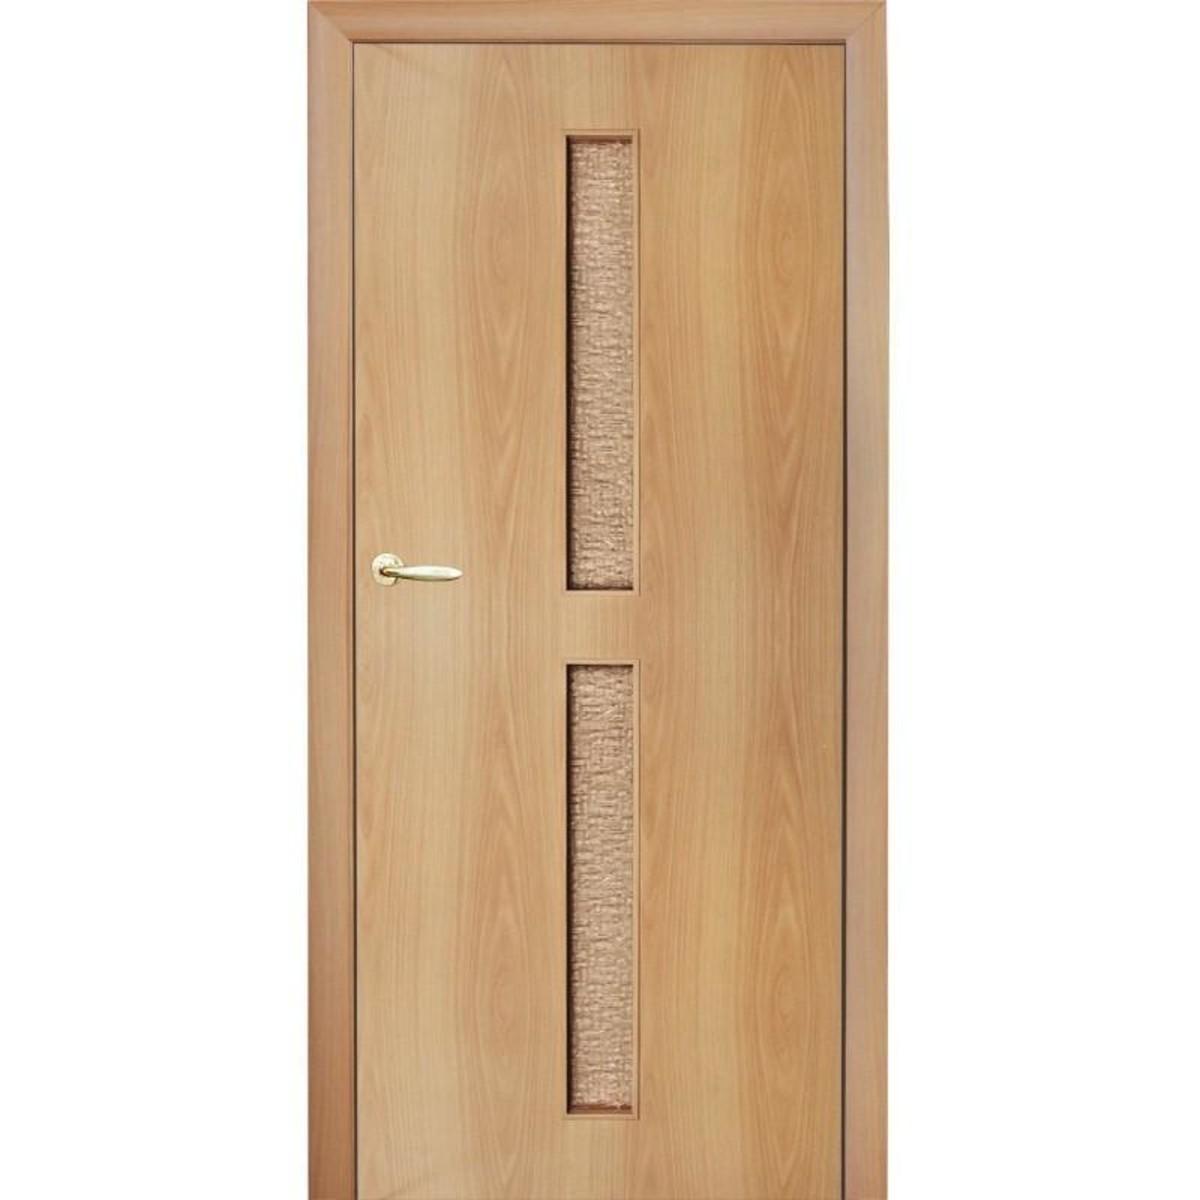 Дверь Межкомнатная Остеклённая Дуо 800x2000 Ламинация Миланский Орех